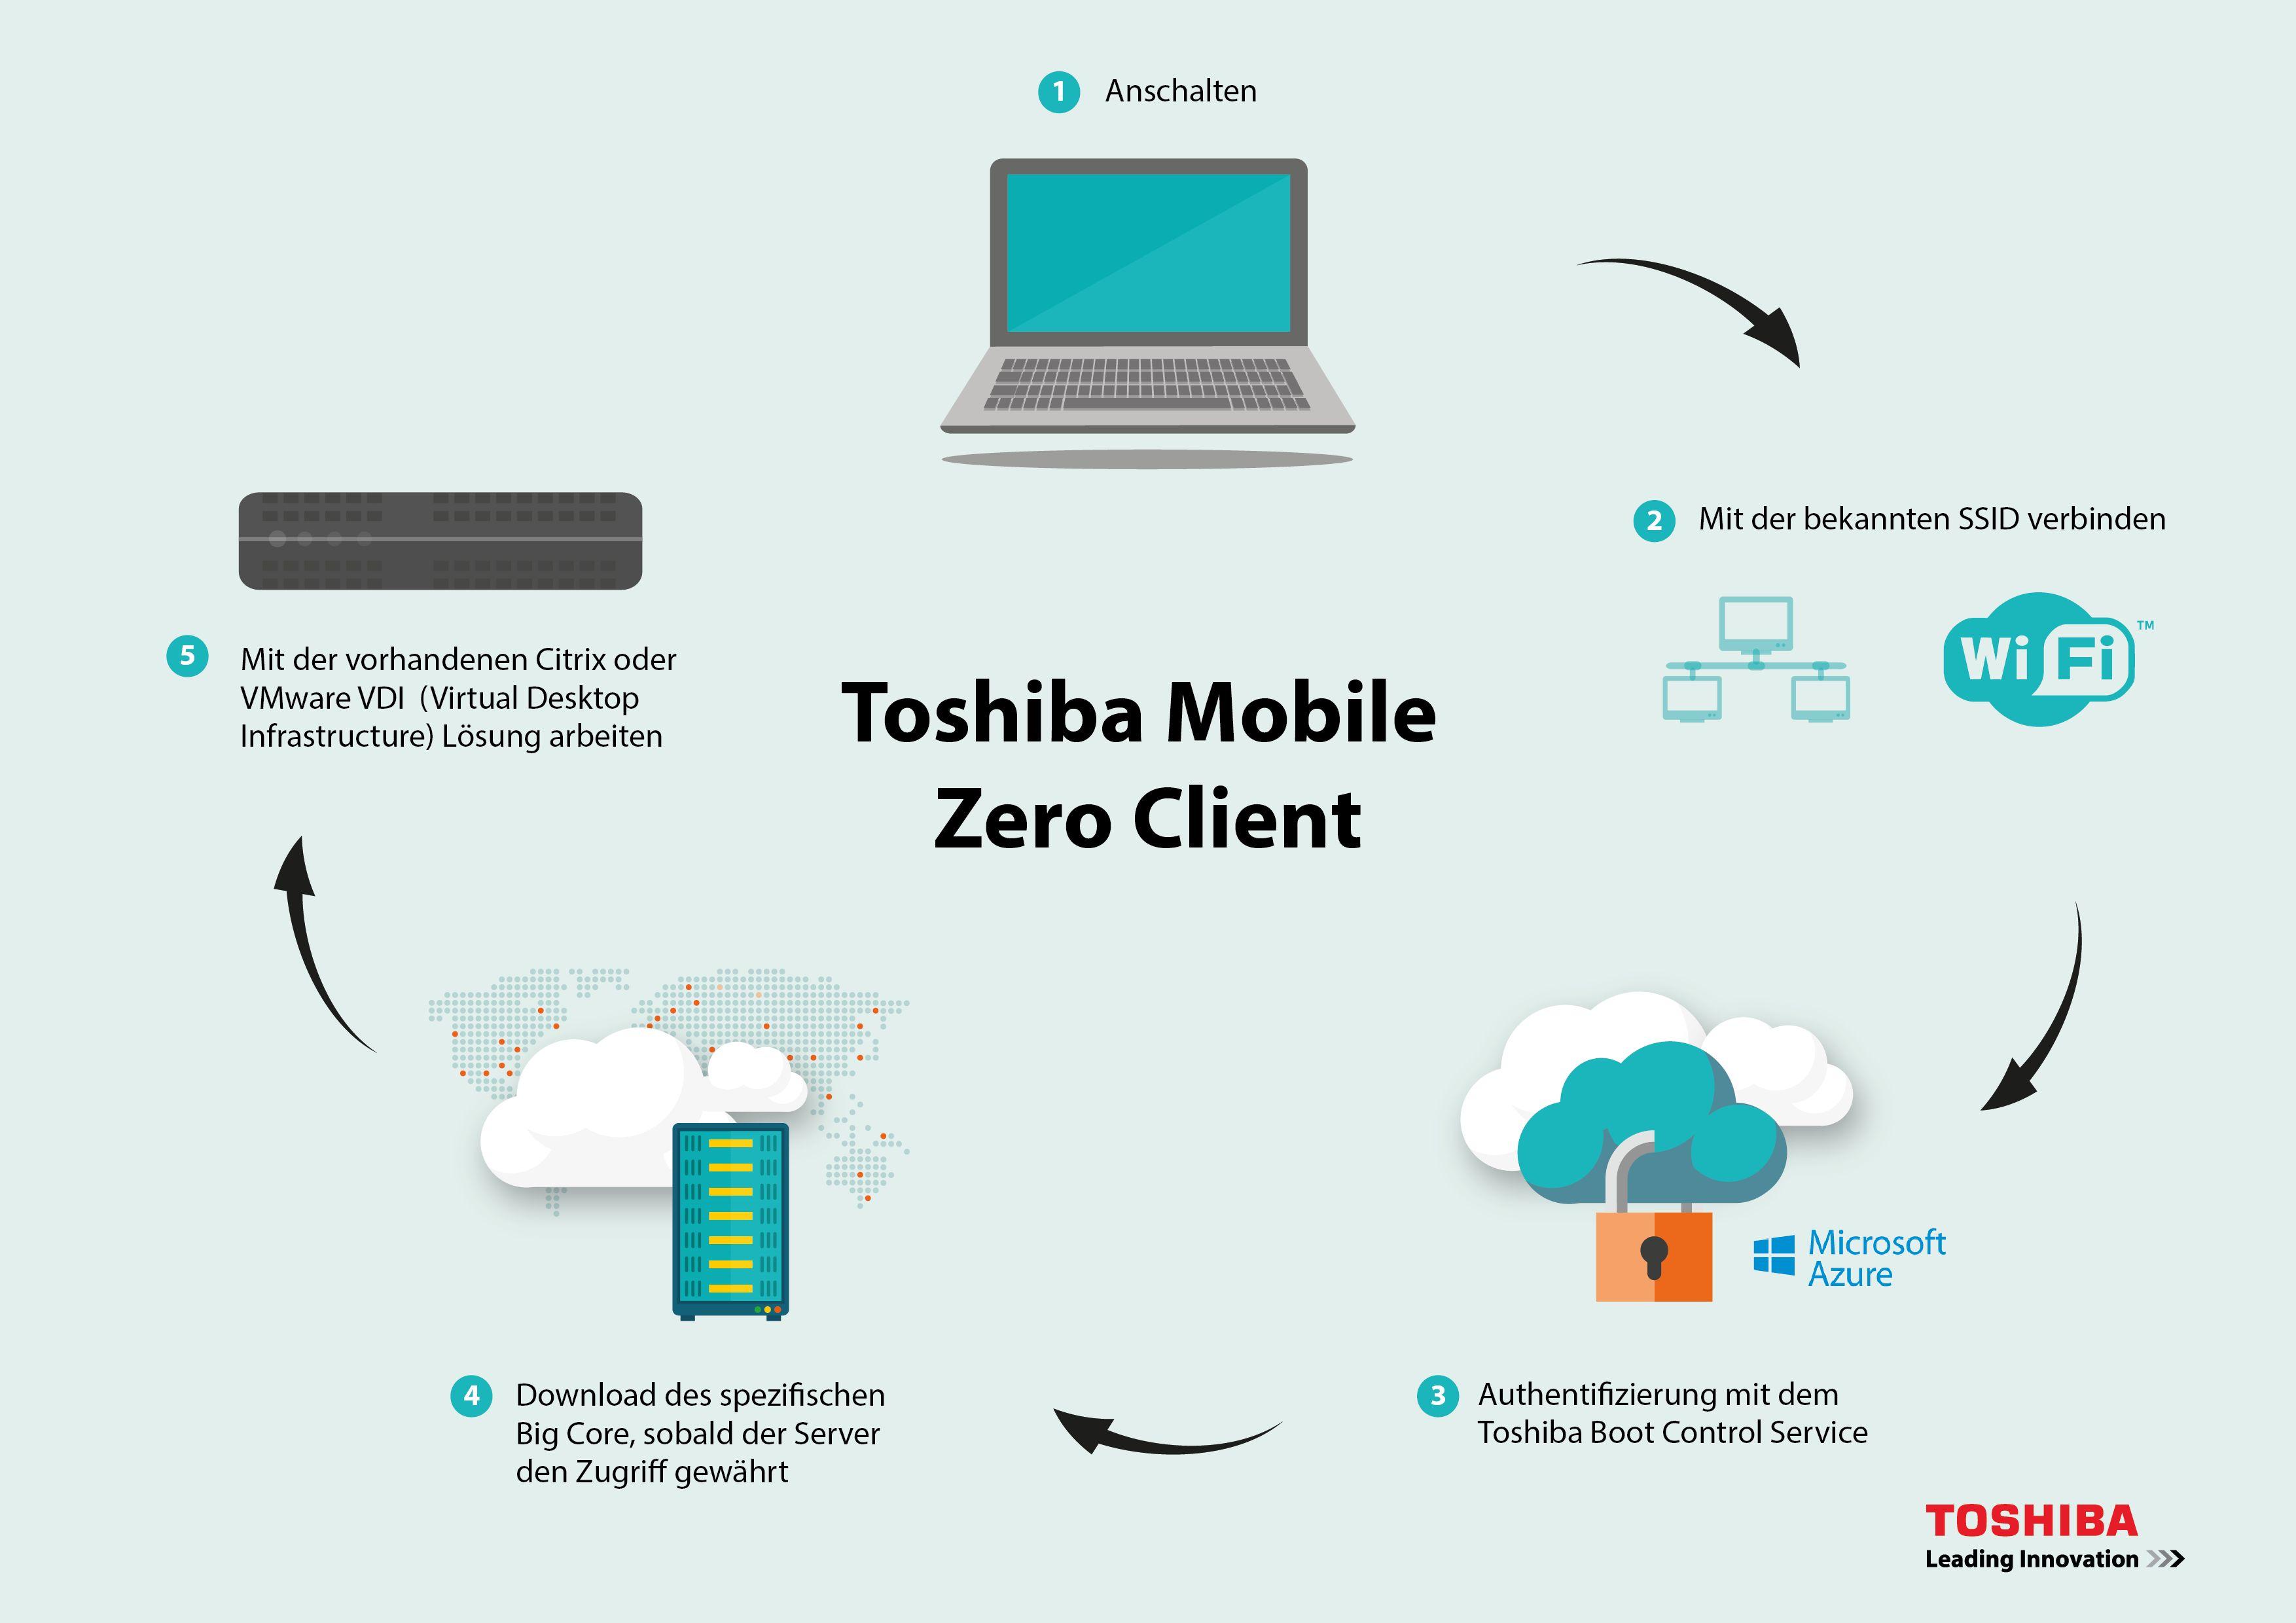 Der Toshiba Mobile Zero Client schützt Daten in der Cloud